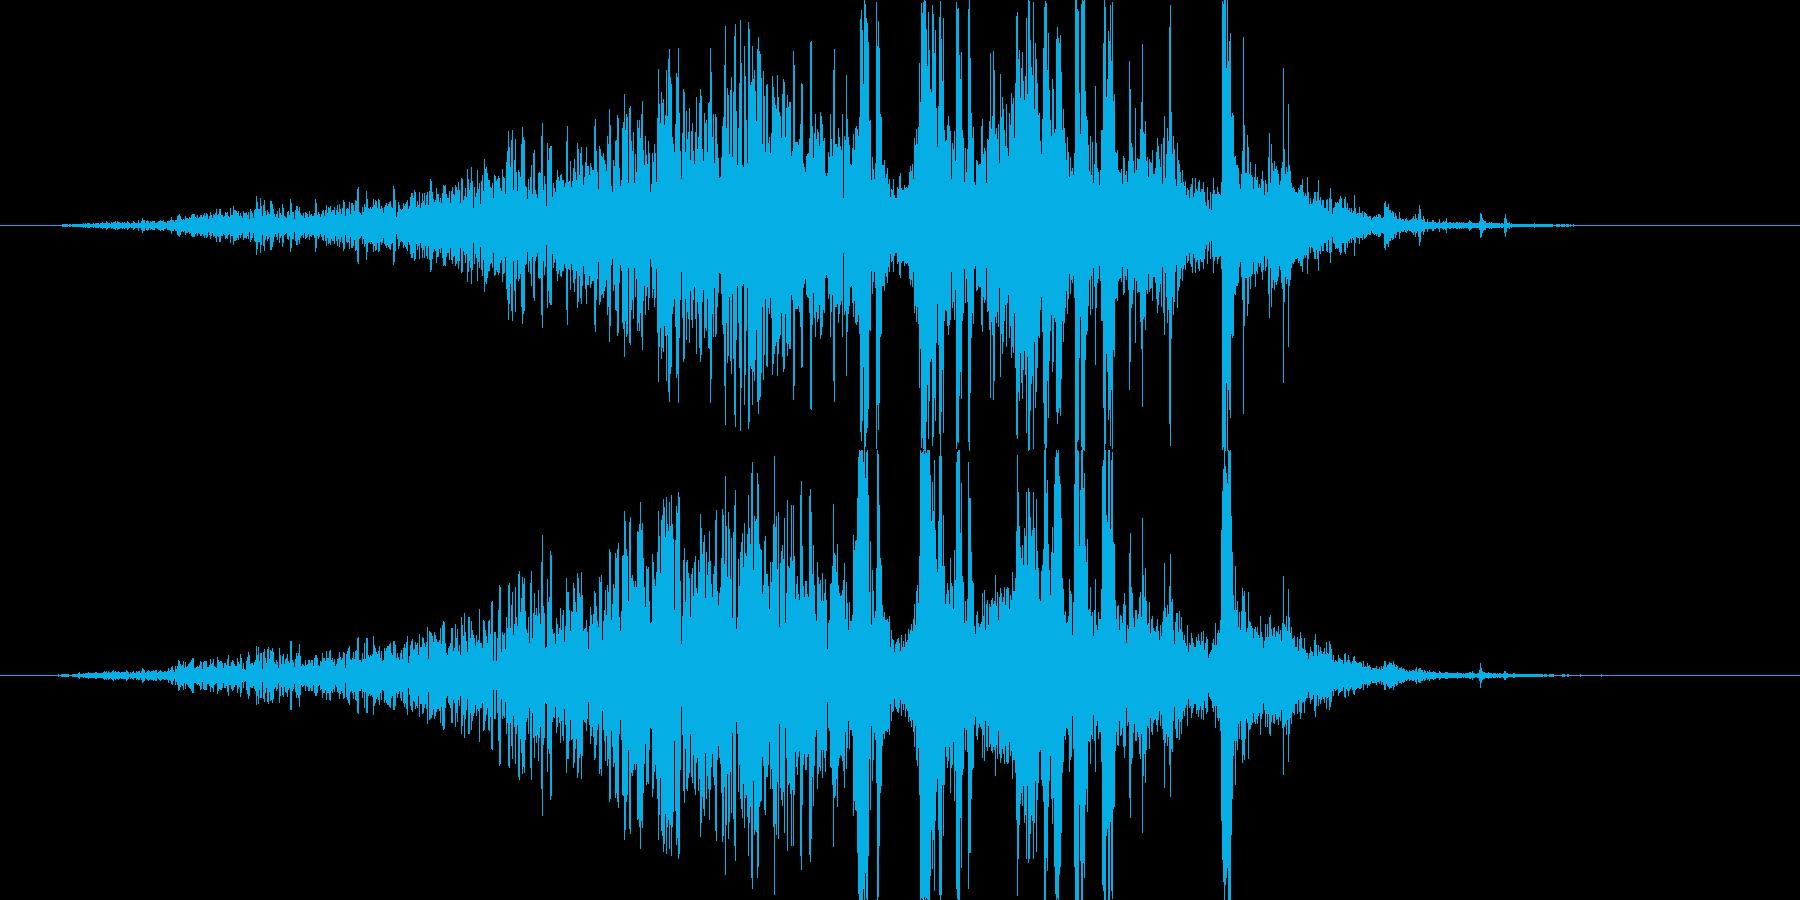 ヒュ〜ドカーン!クライマックの花火の音の再生済みの波形